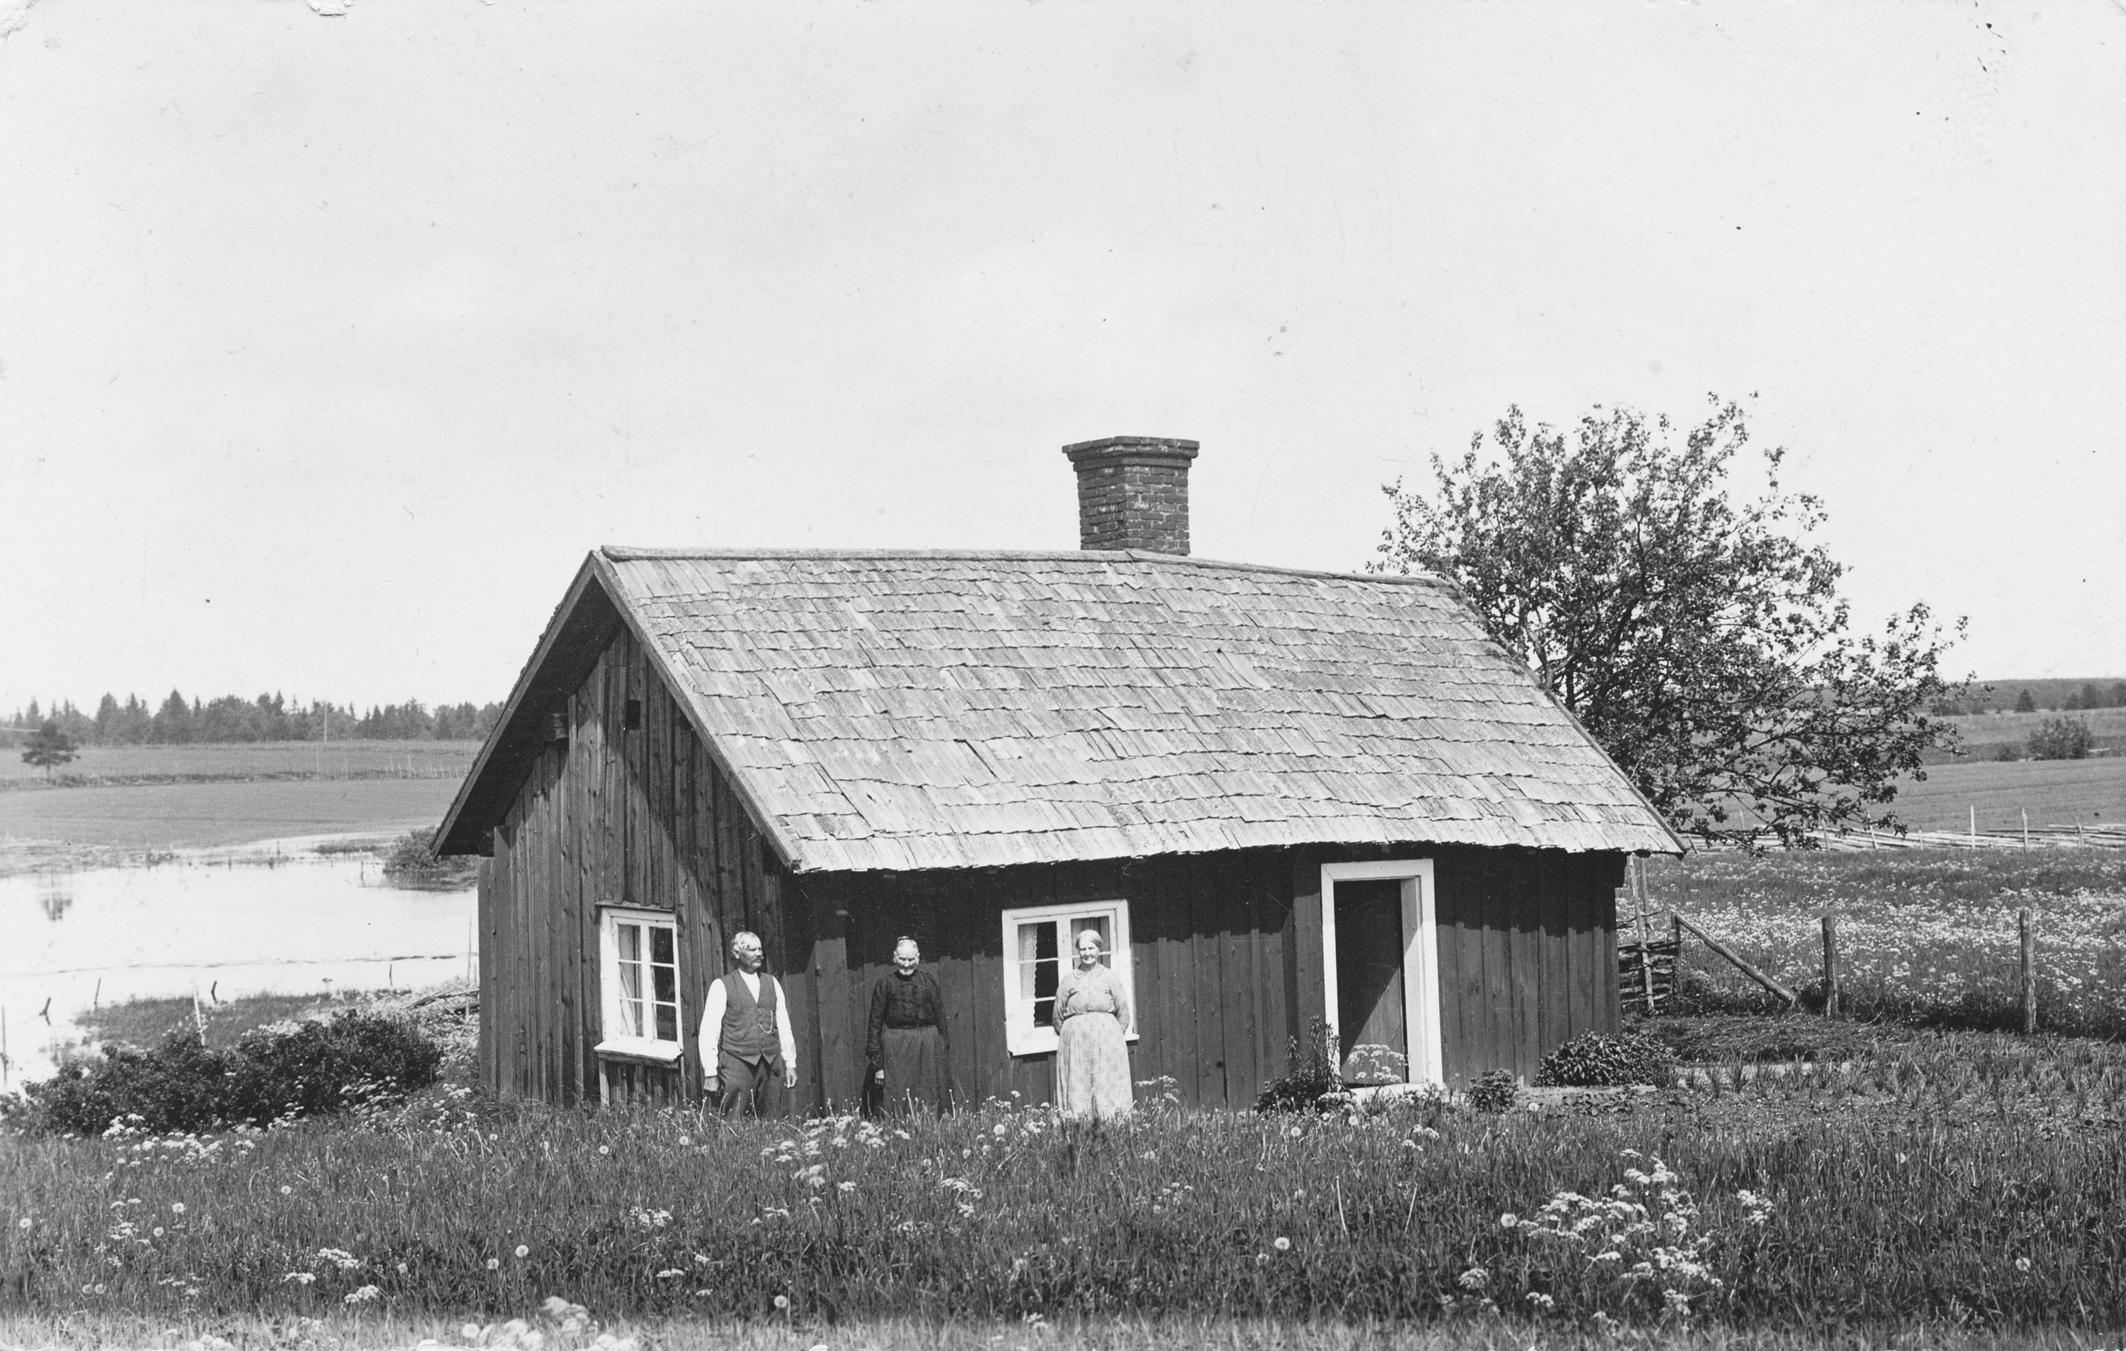 Brobackens backstuga på ofri jord väster om Kivenäbben. Djuran i bakgrunden. I mitten änkan Anna-Stina Bergkvist. Övriga okända.